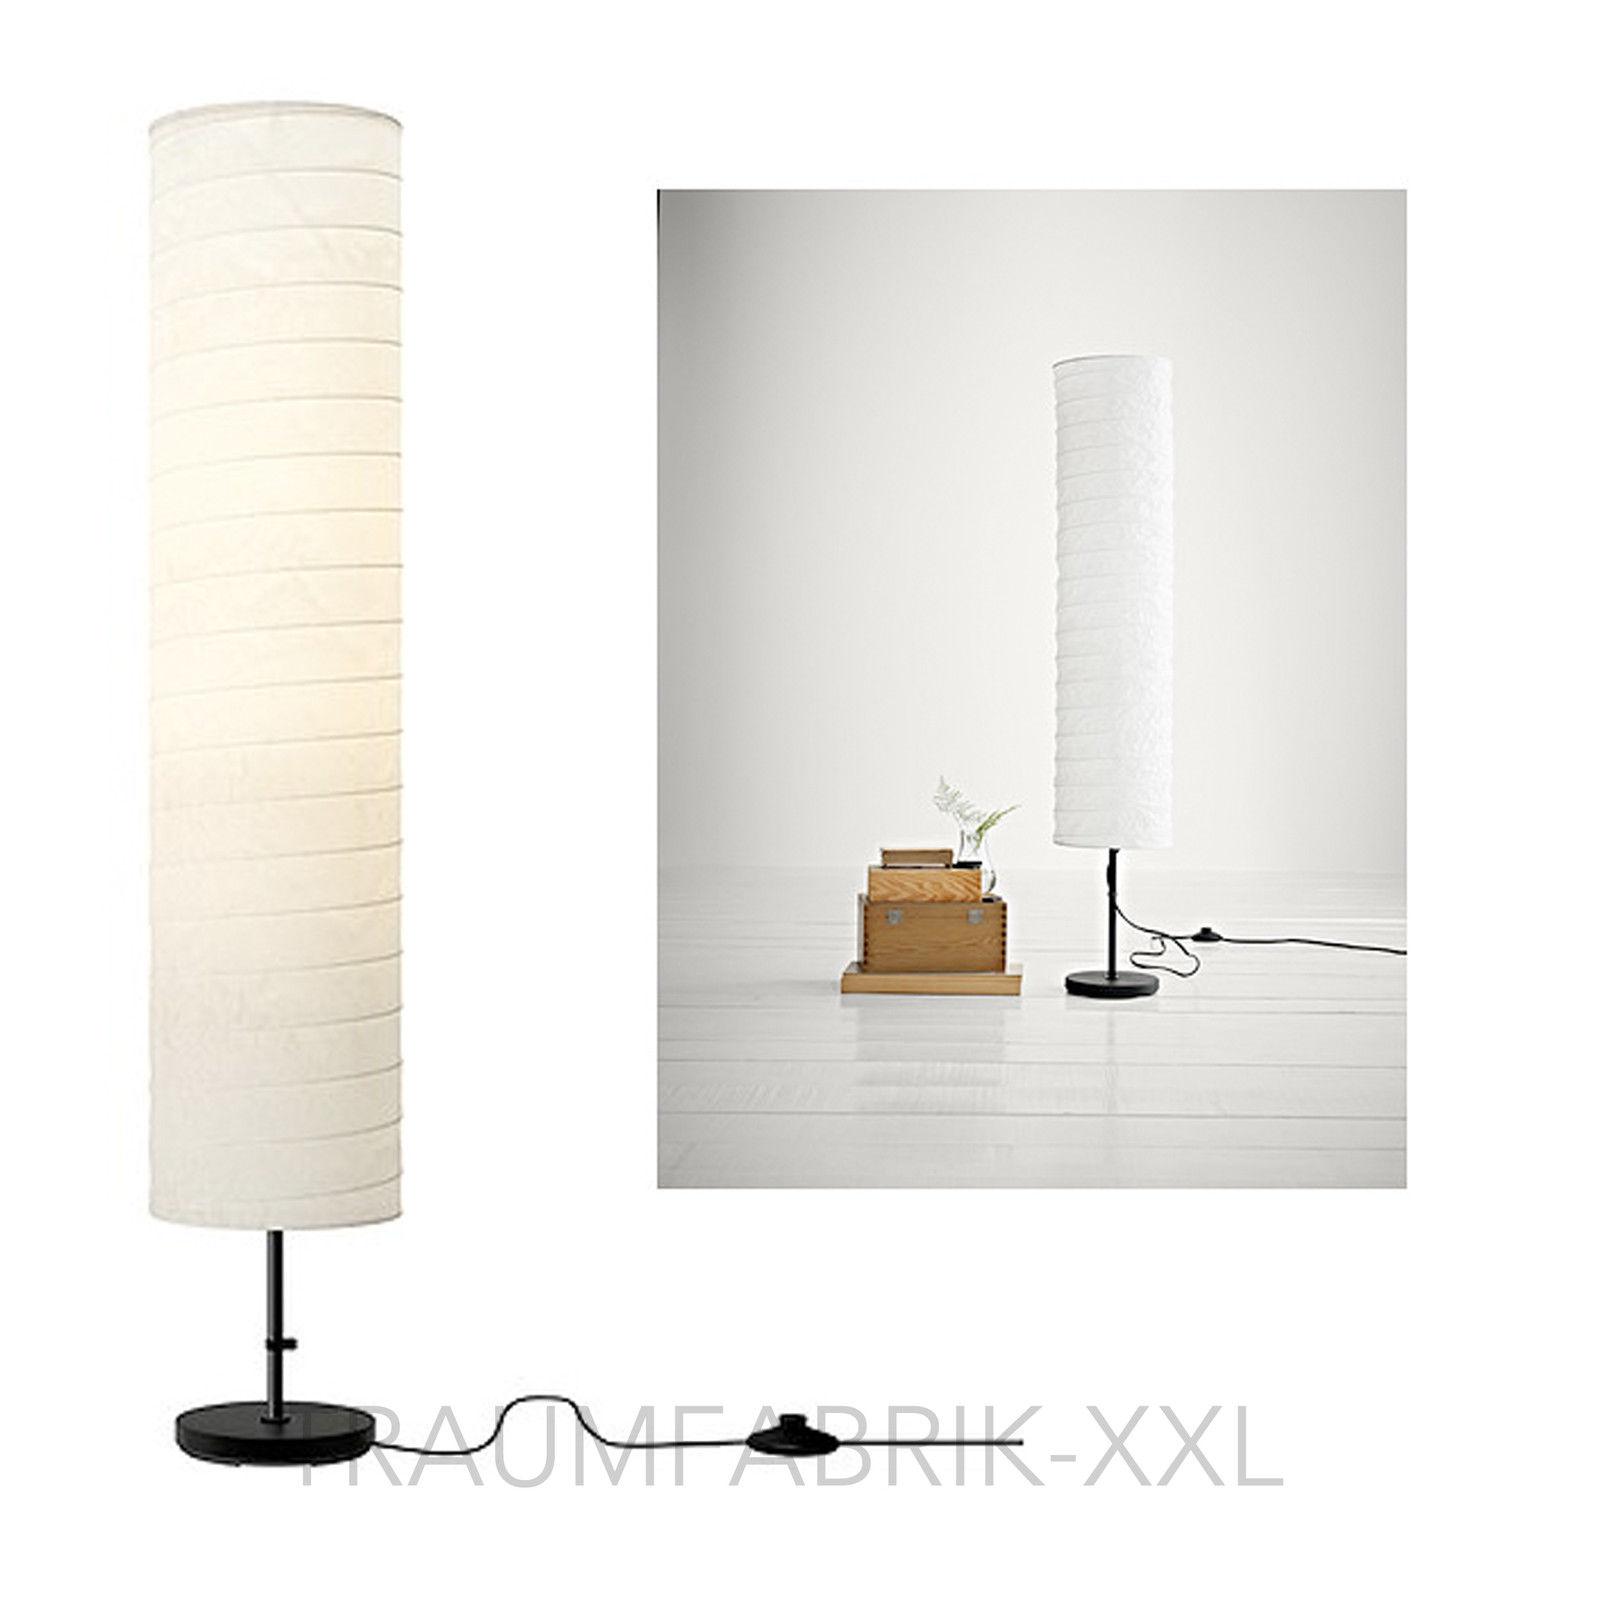 Ansprechend Stehleuchte Weiß Referenz Von Lounge-standleuchte-117-cm-lampe-leuchte-weiss-stehlampe-